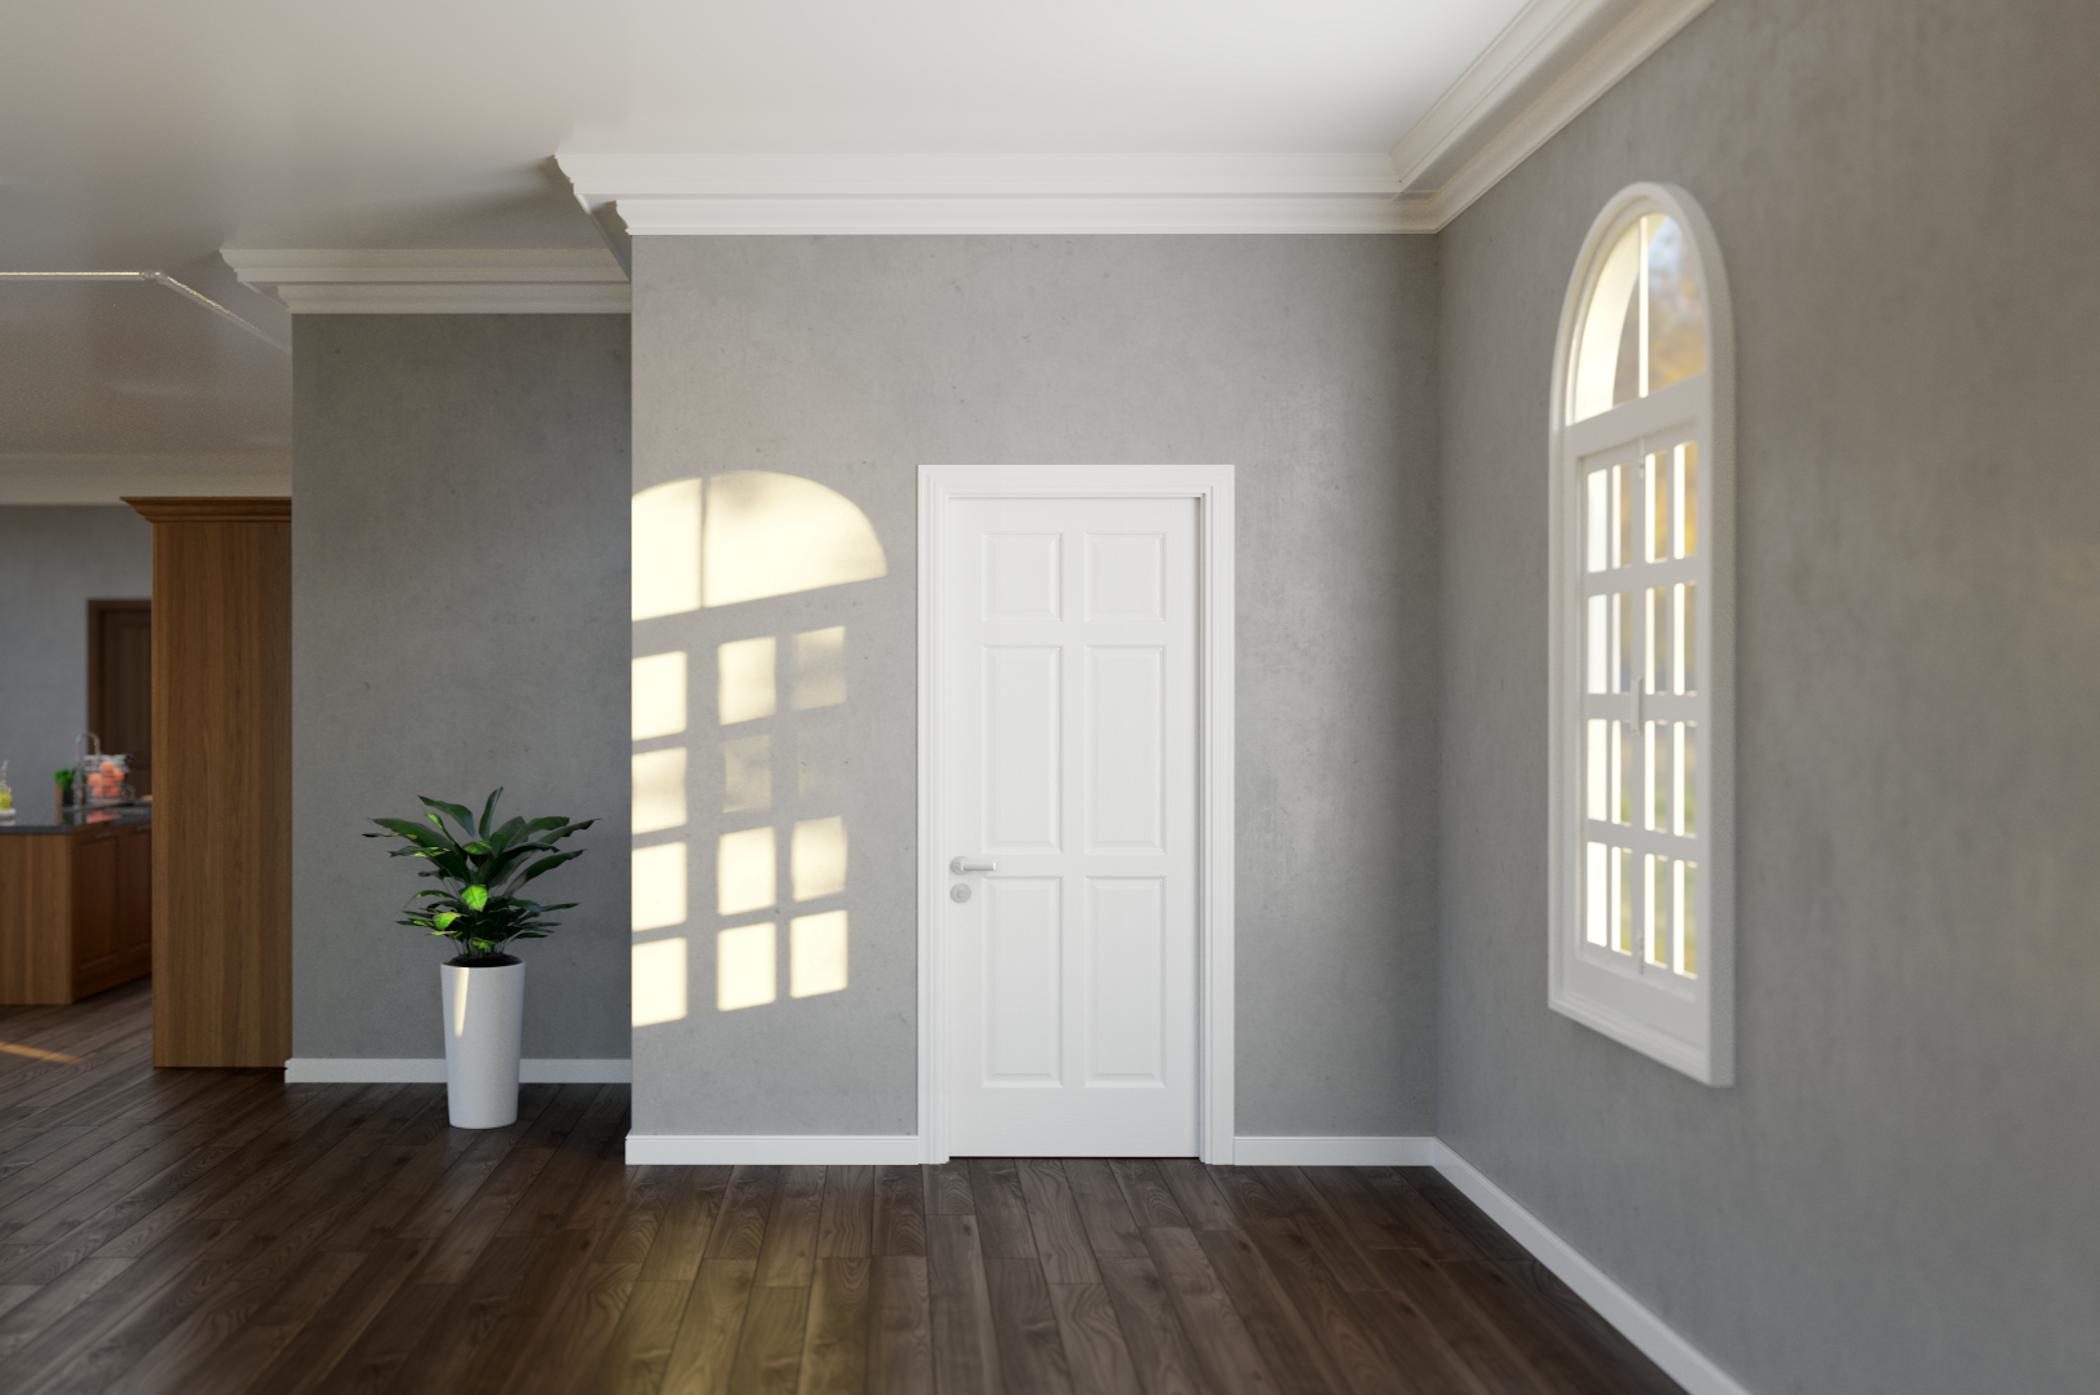 Cửa gỗ trắng giúp không gian như rộng và thoáng hơn